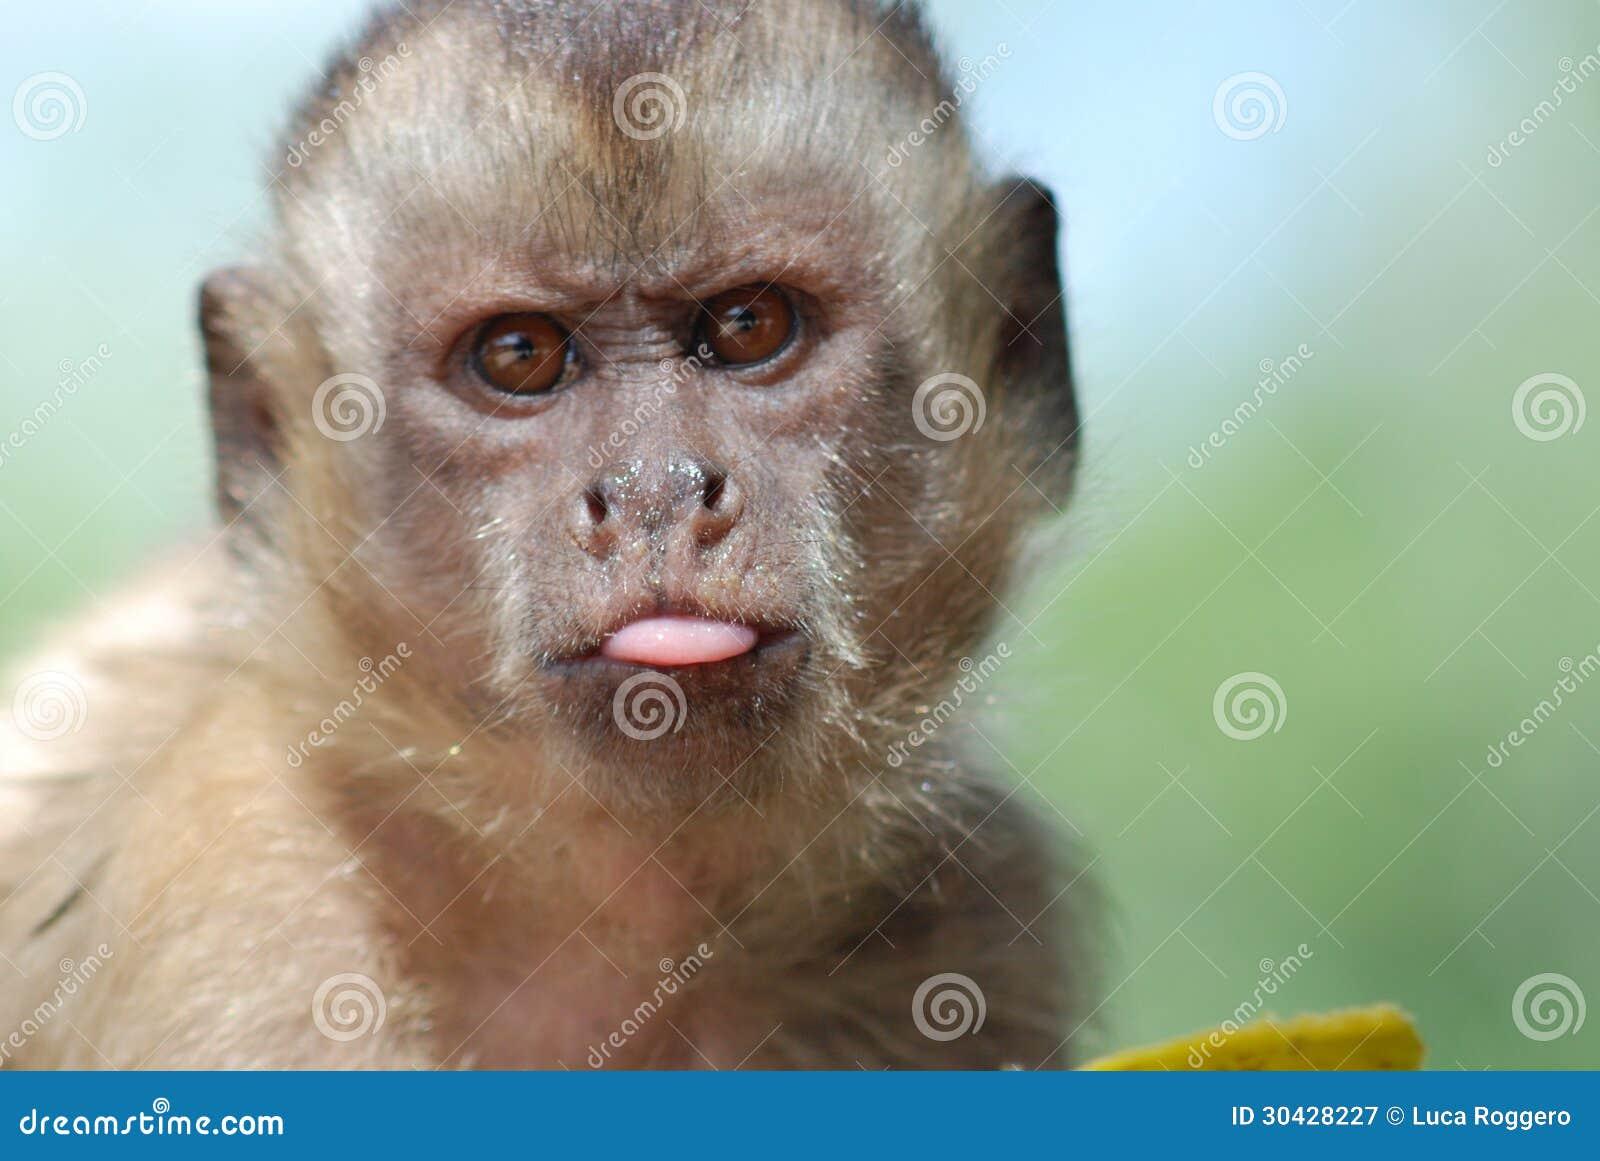 Śmieszna małpa